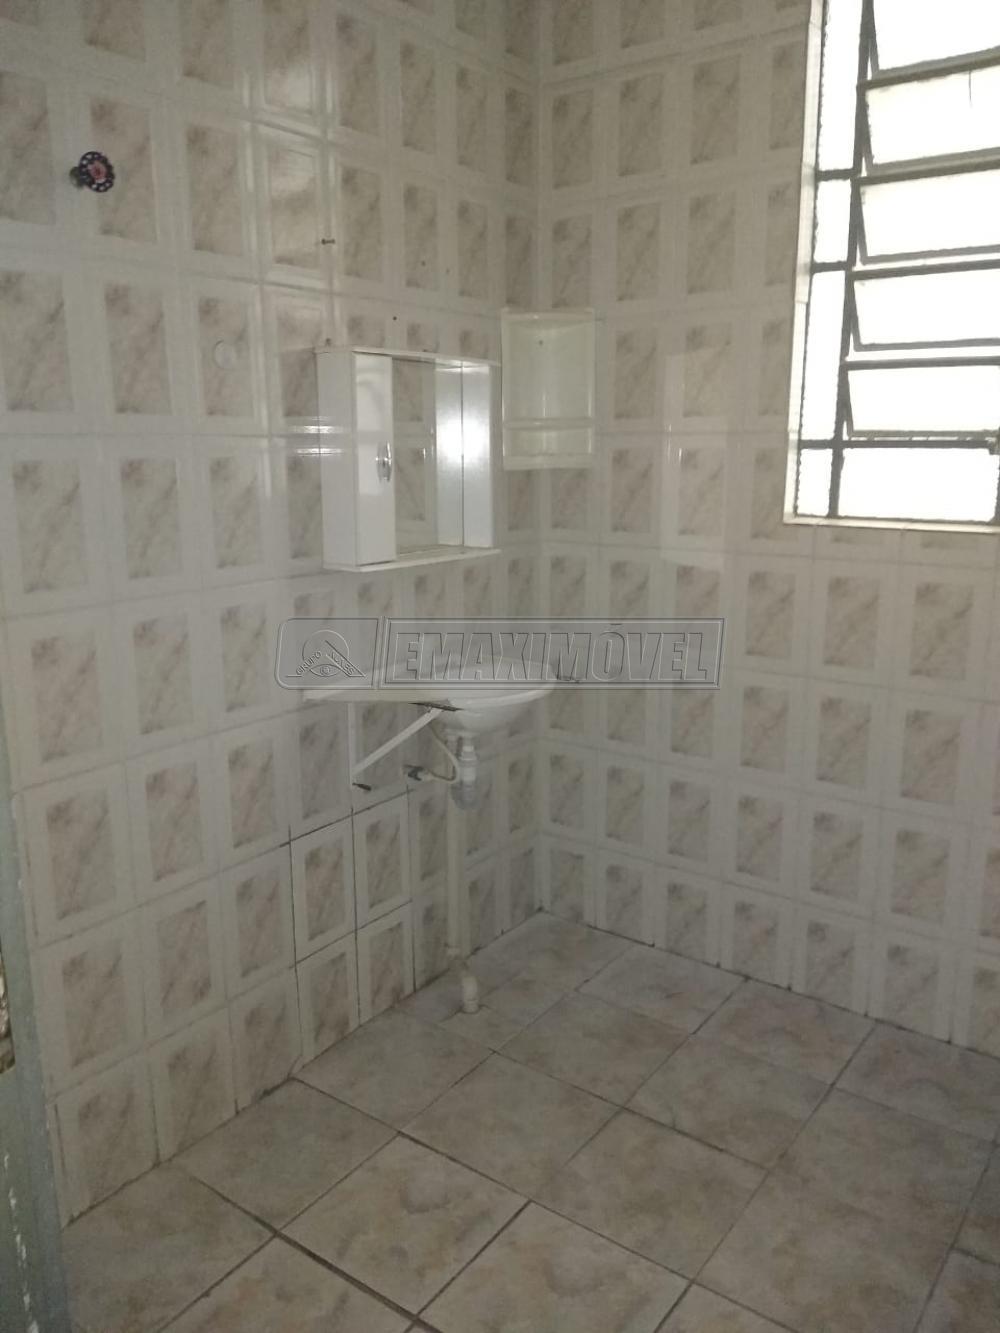 Alugar Casas / Comerciais em Sorocaba apenas R$ 1.000,00 - Foto 7